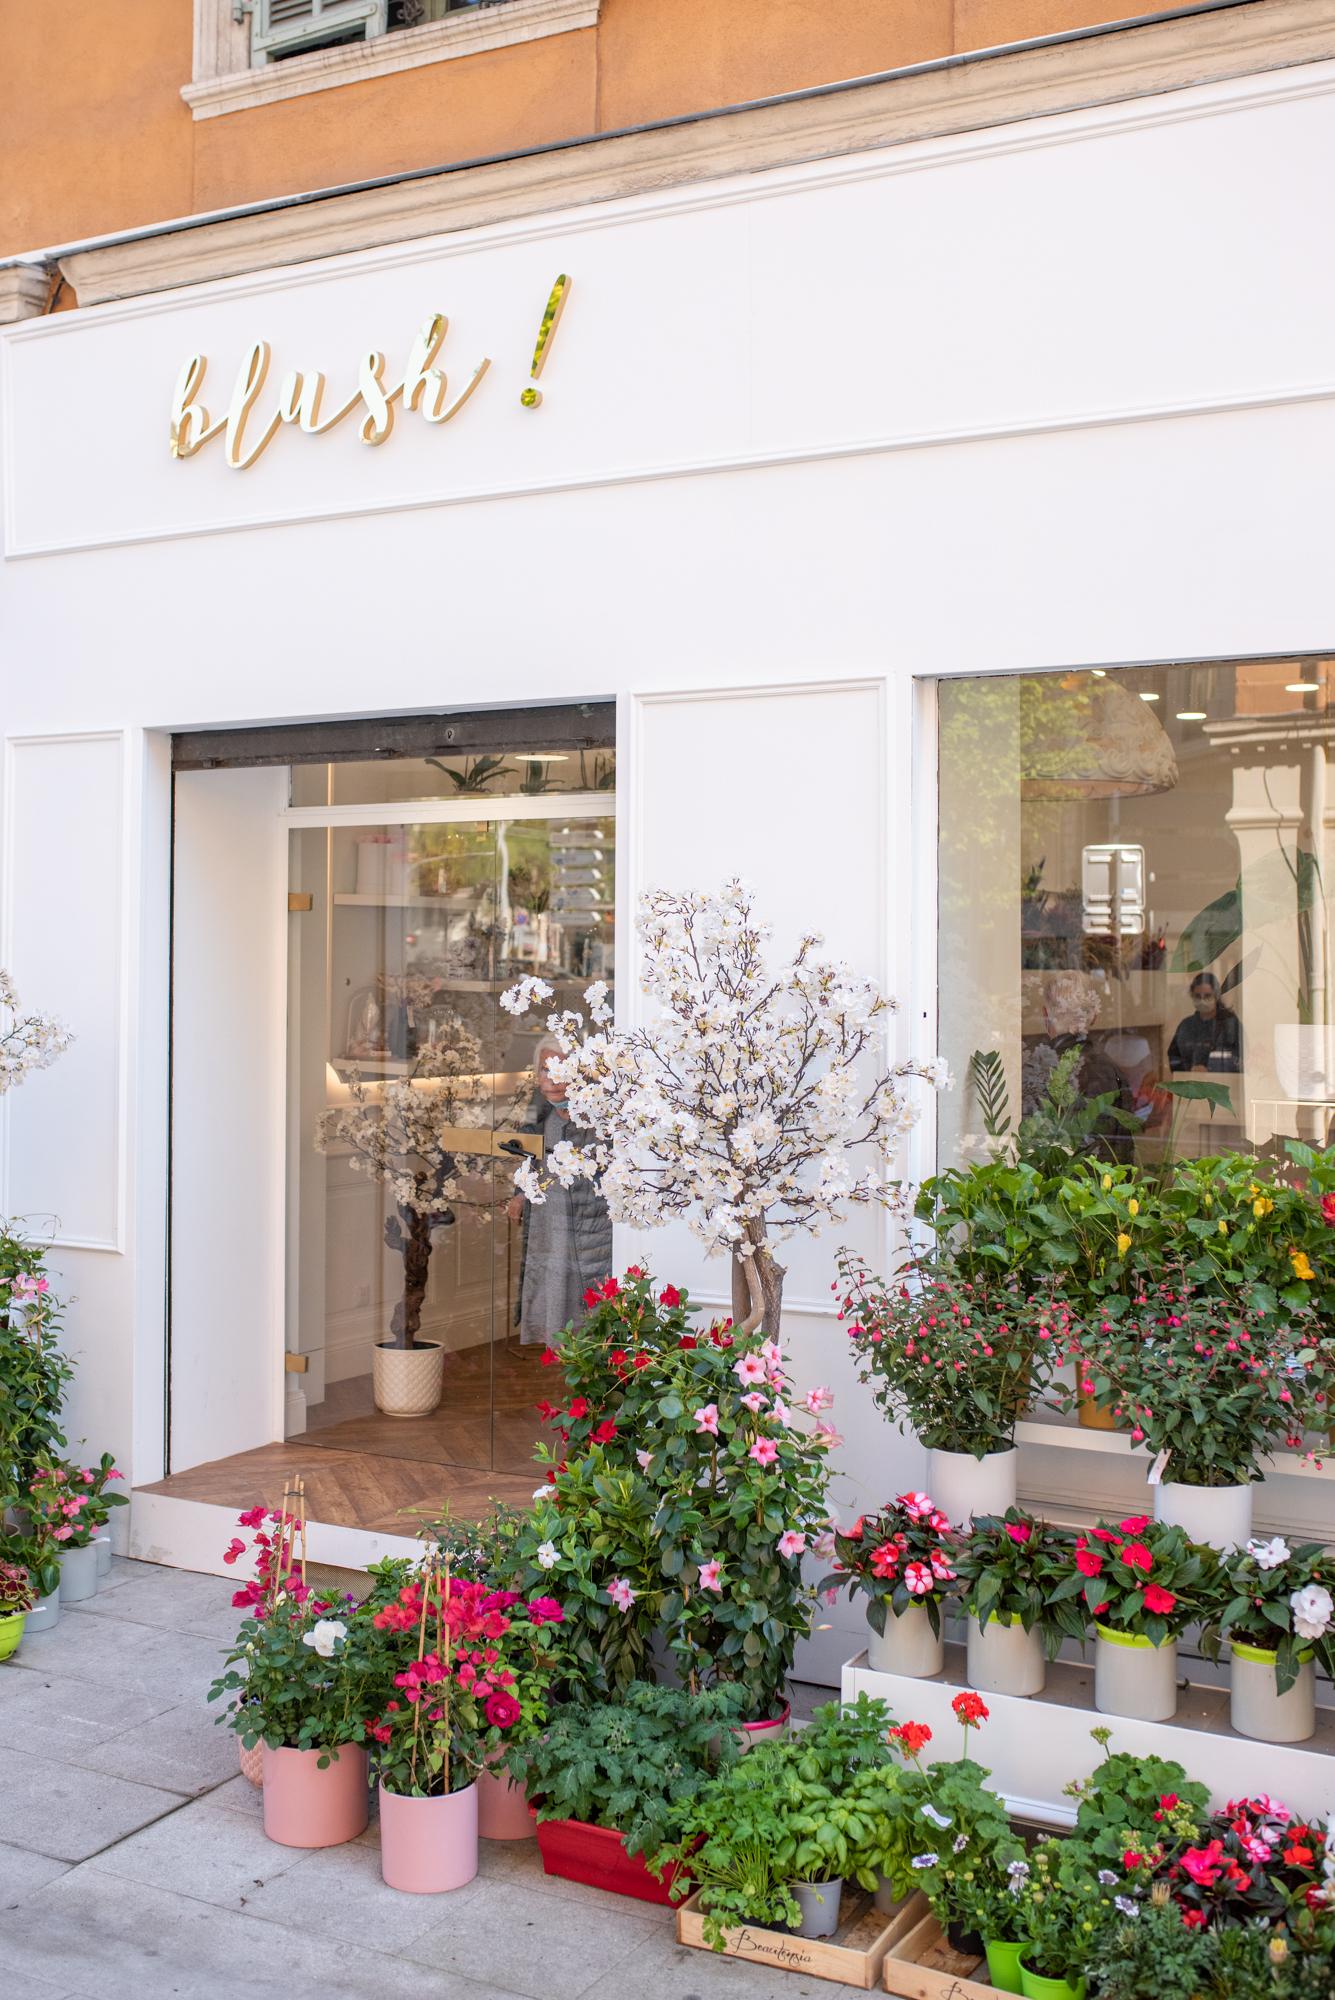 Boutique Blush